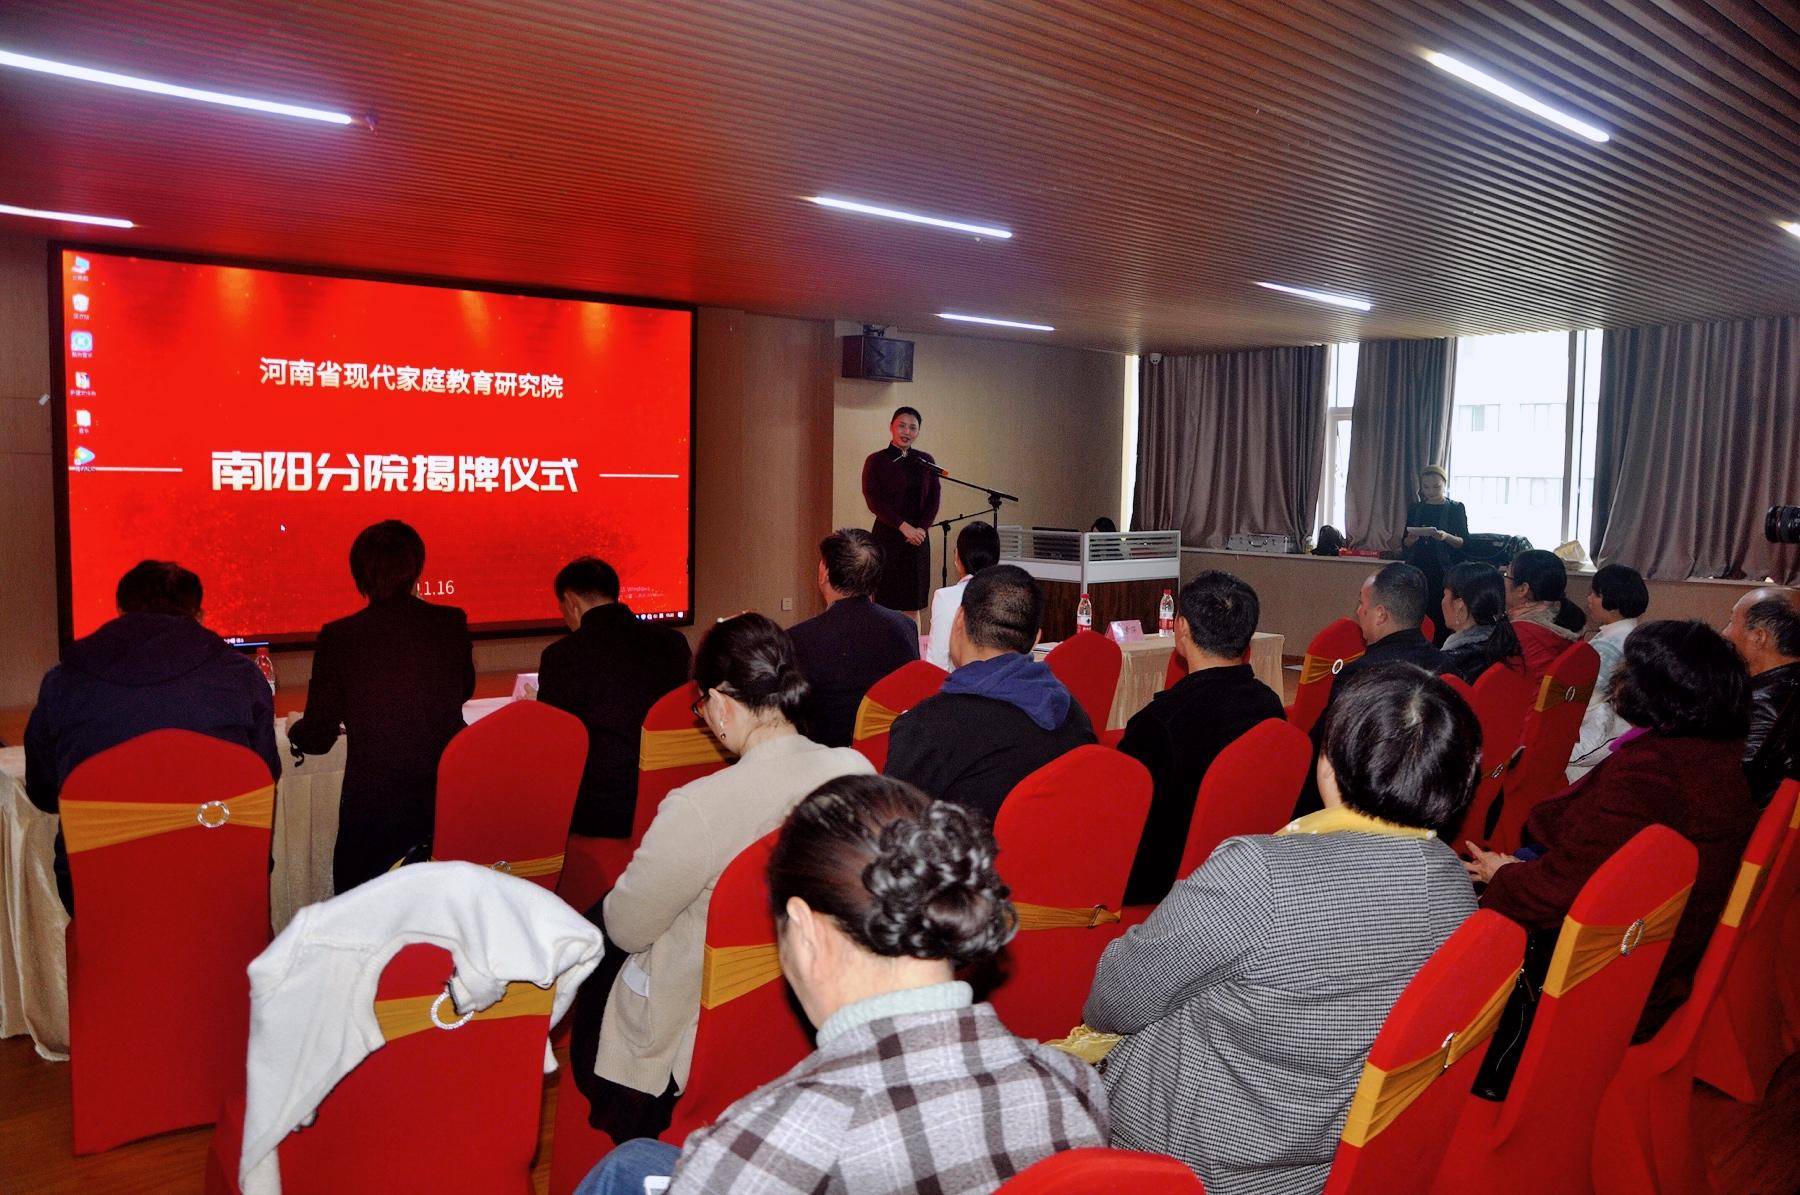 热烈祝贺河南省现代家庭教育研究院南阳分院挂牌成立